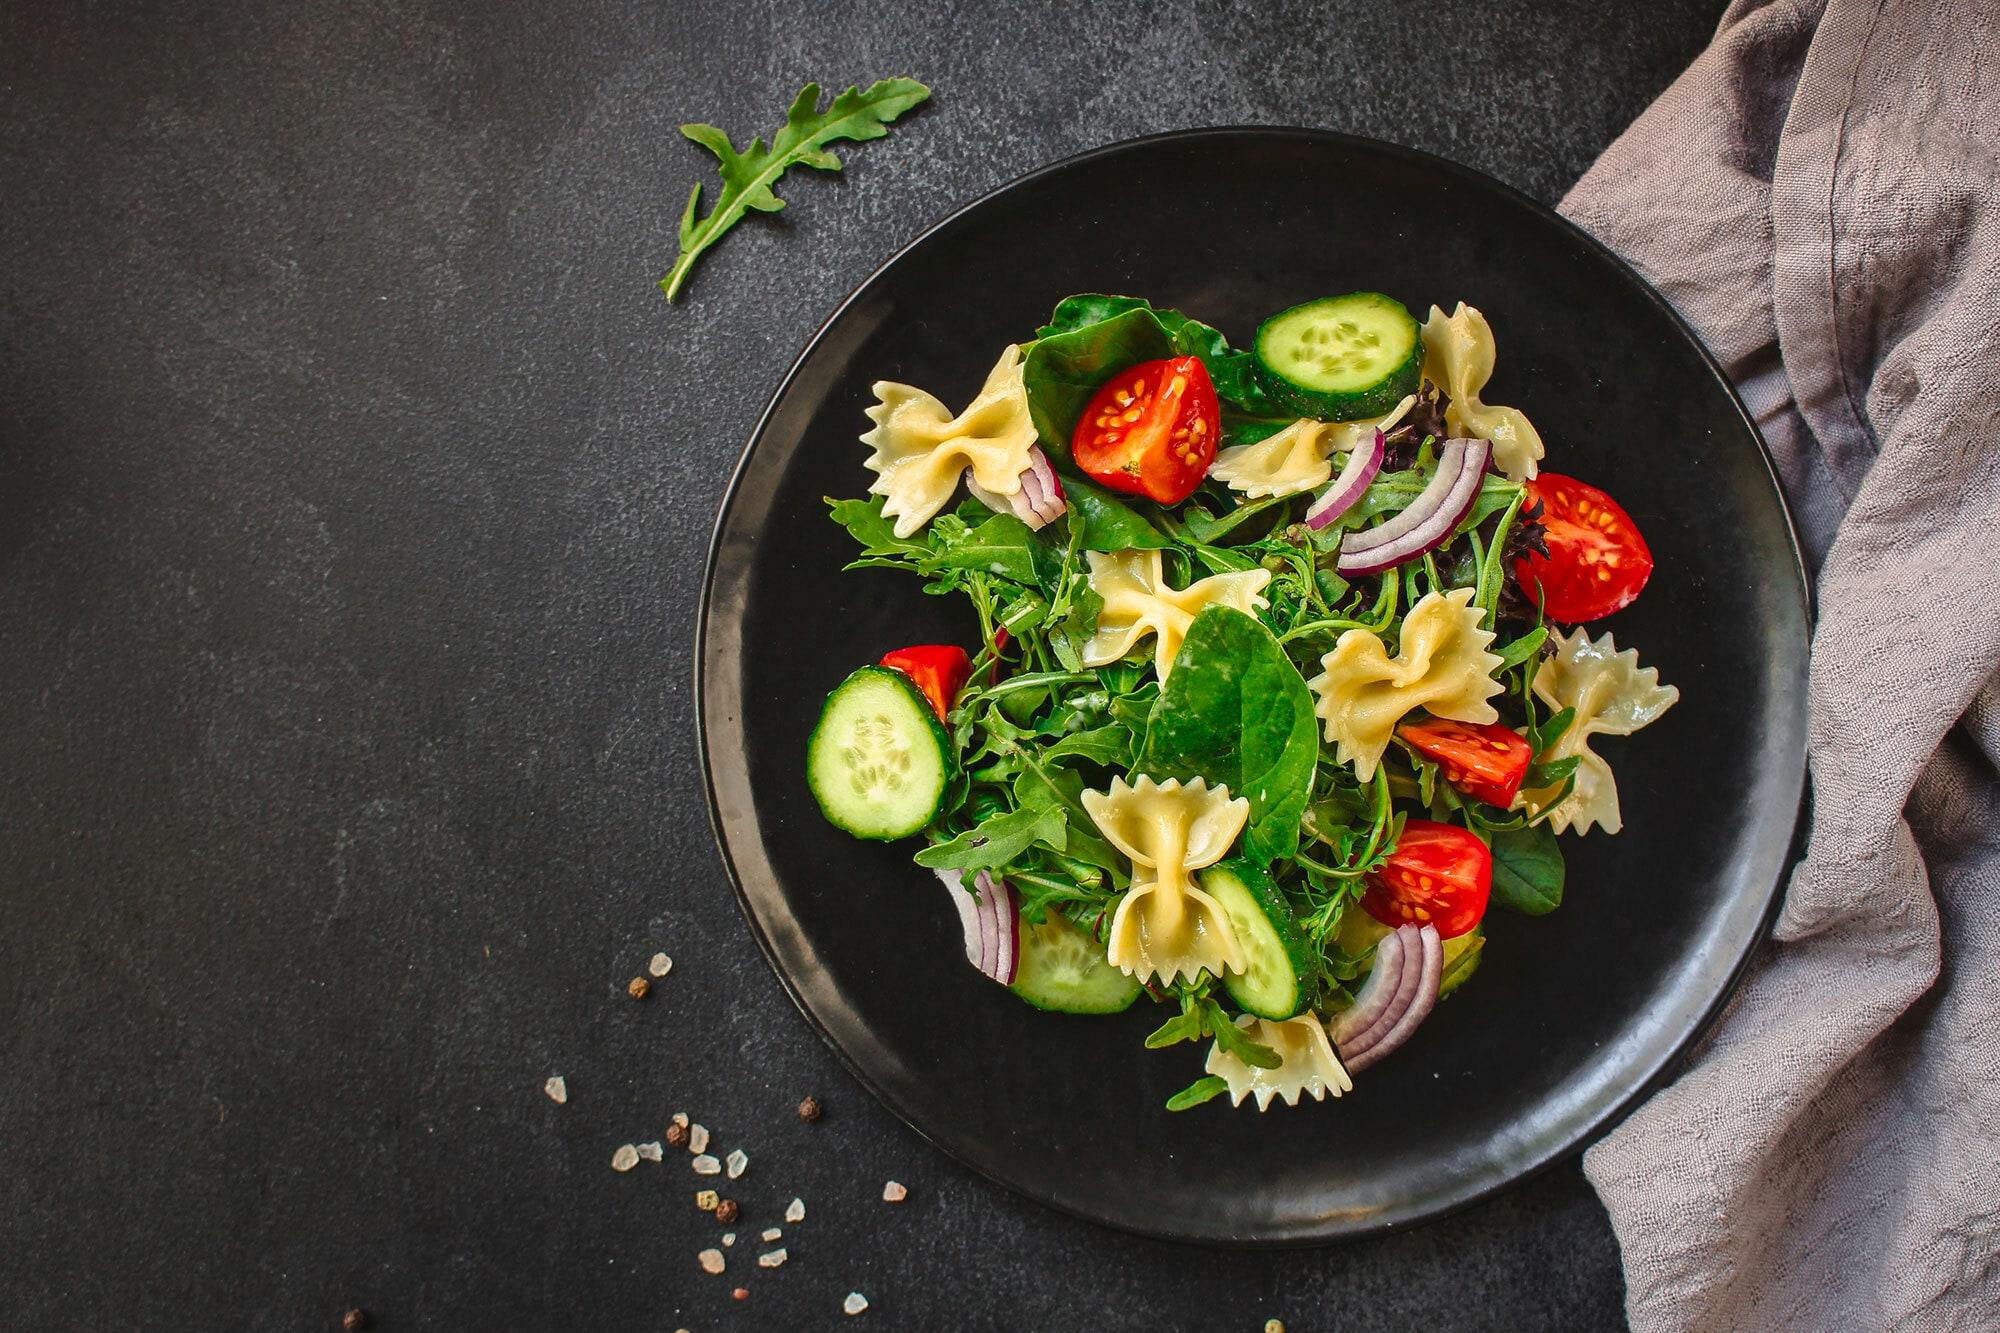 Salad zucchini, tomat, rocket, dan farfalle disajikan dalam mangkuk hitam